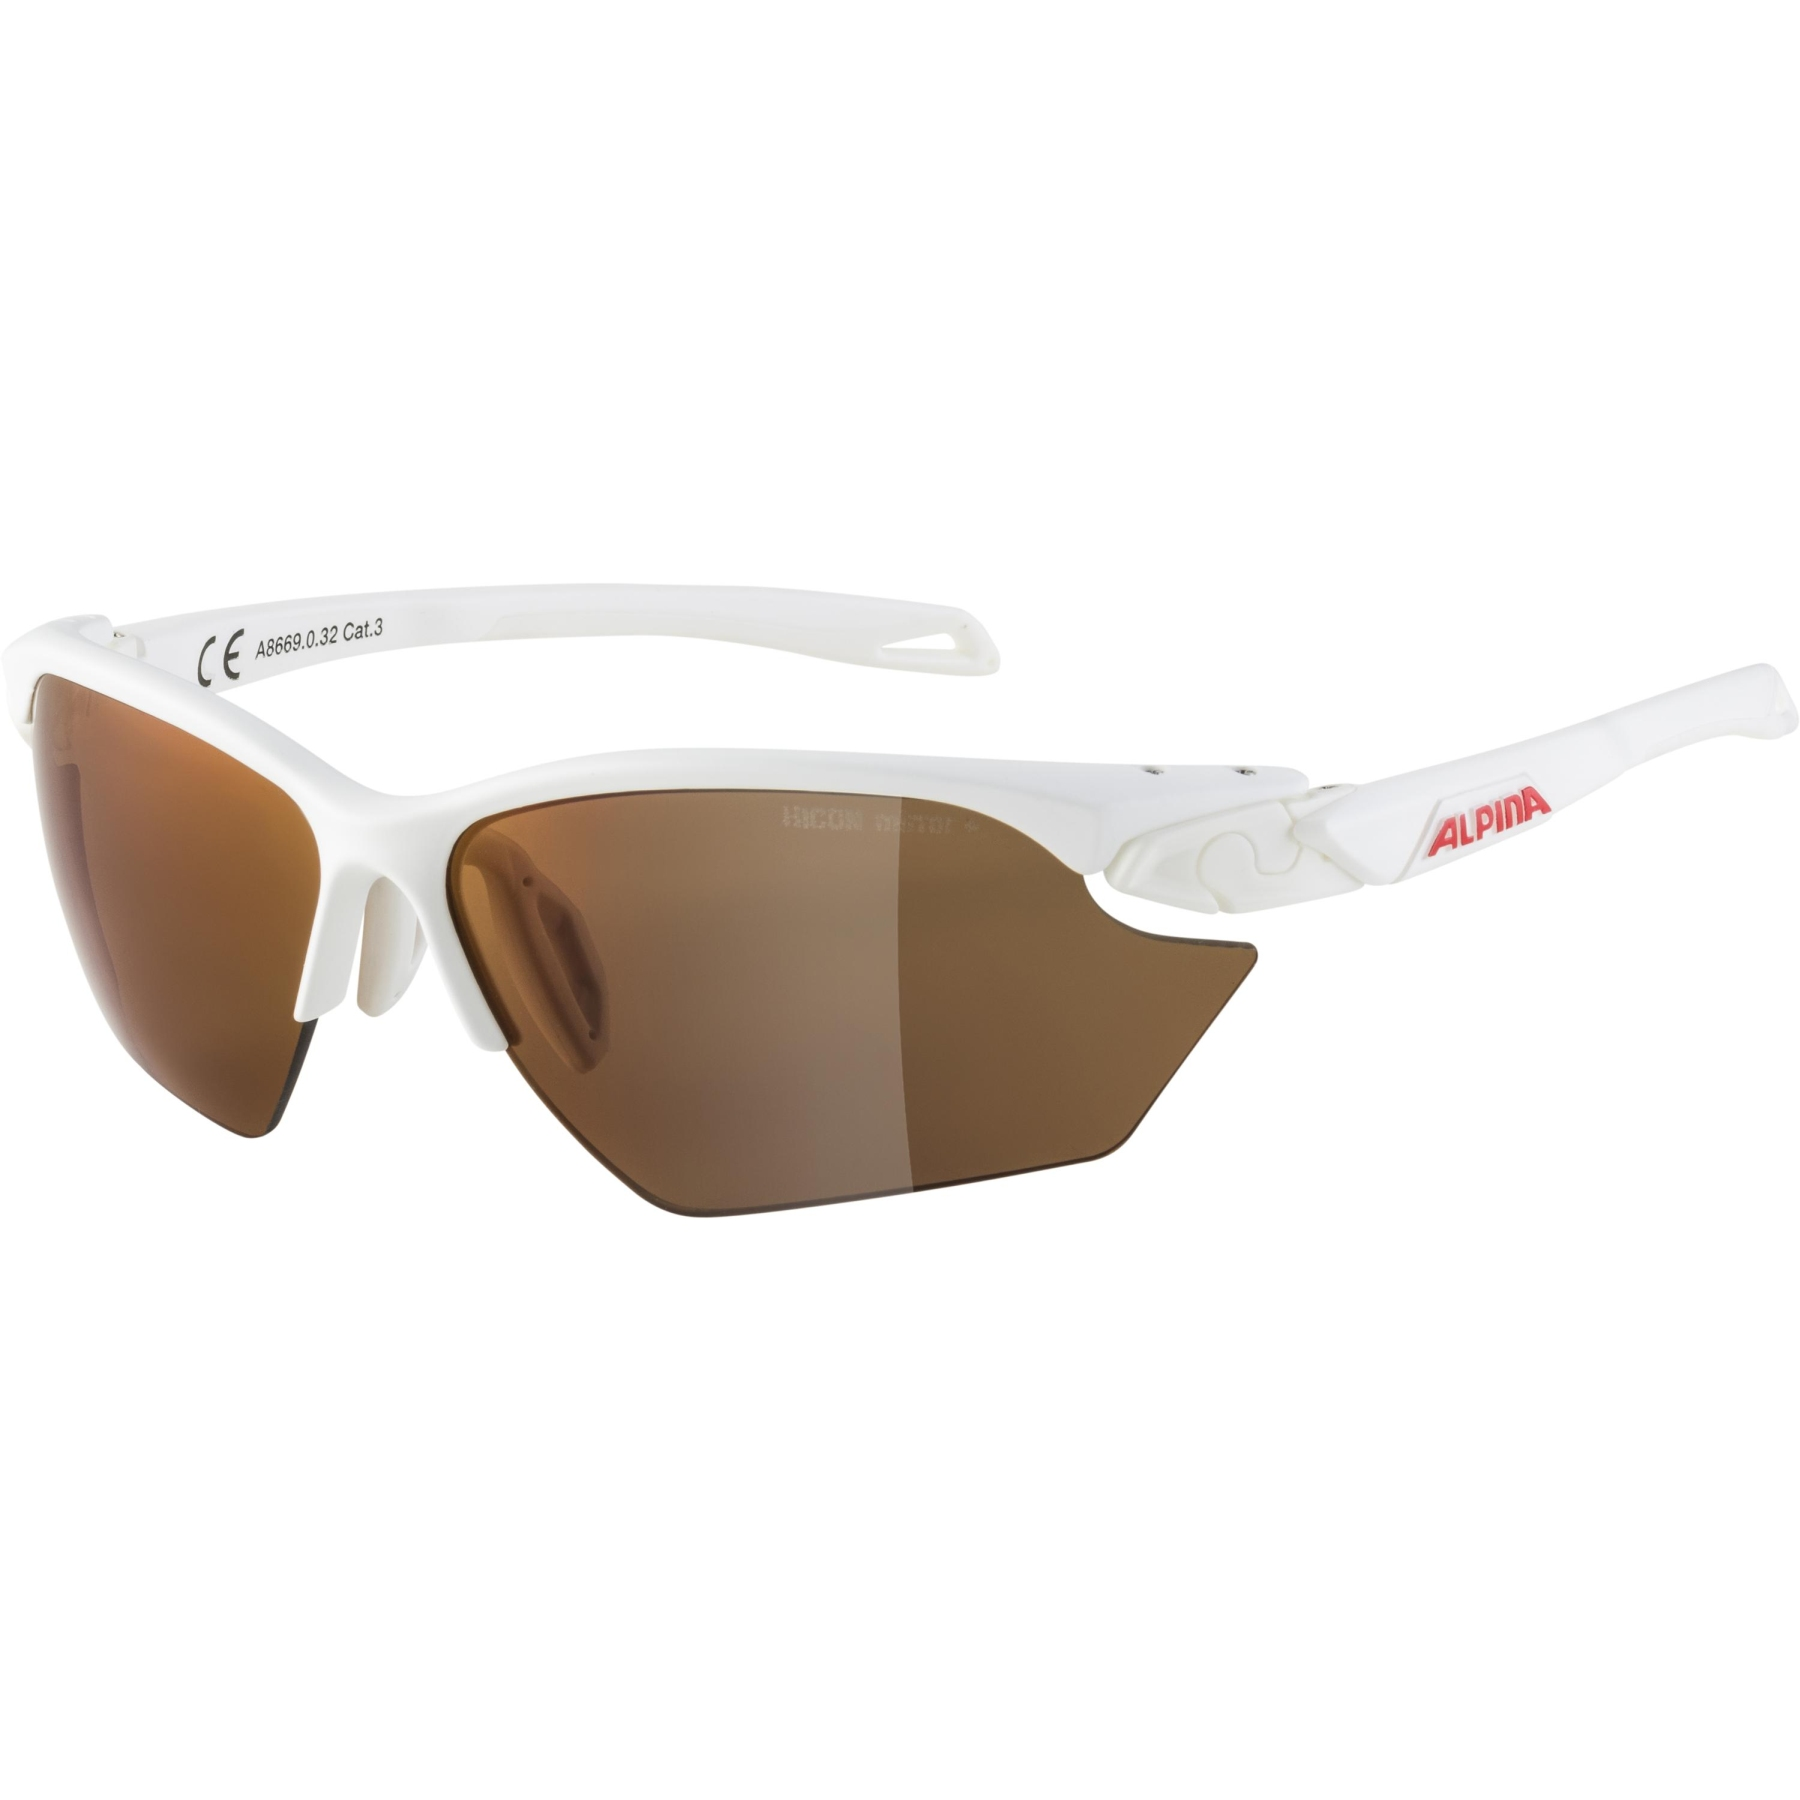 Alpina Twist five HR S HM+ Glasses - white matt / Hicon red mirror